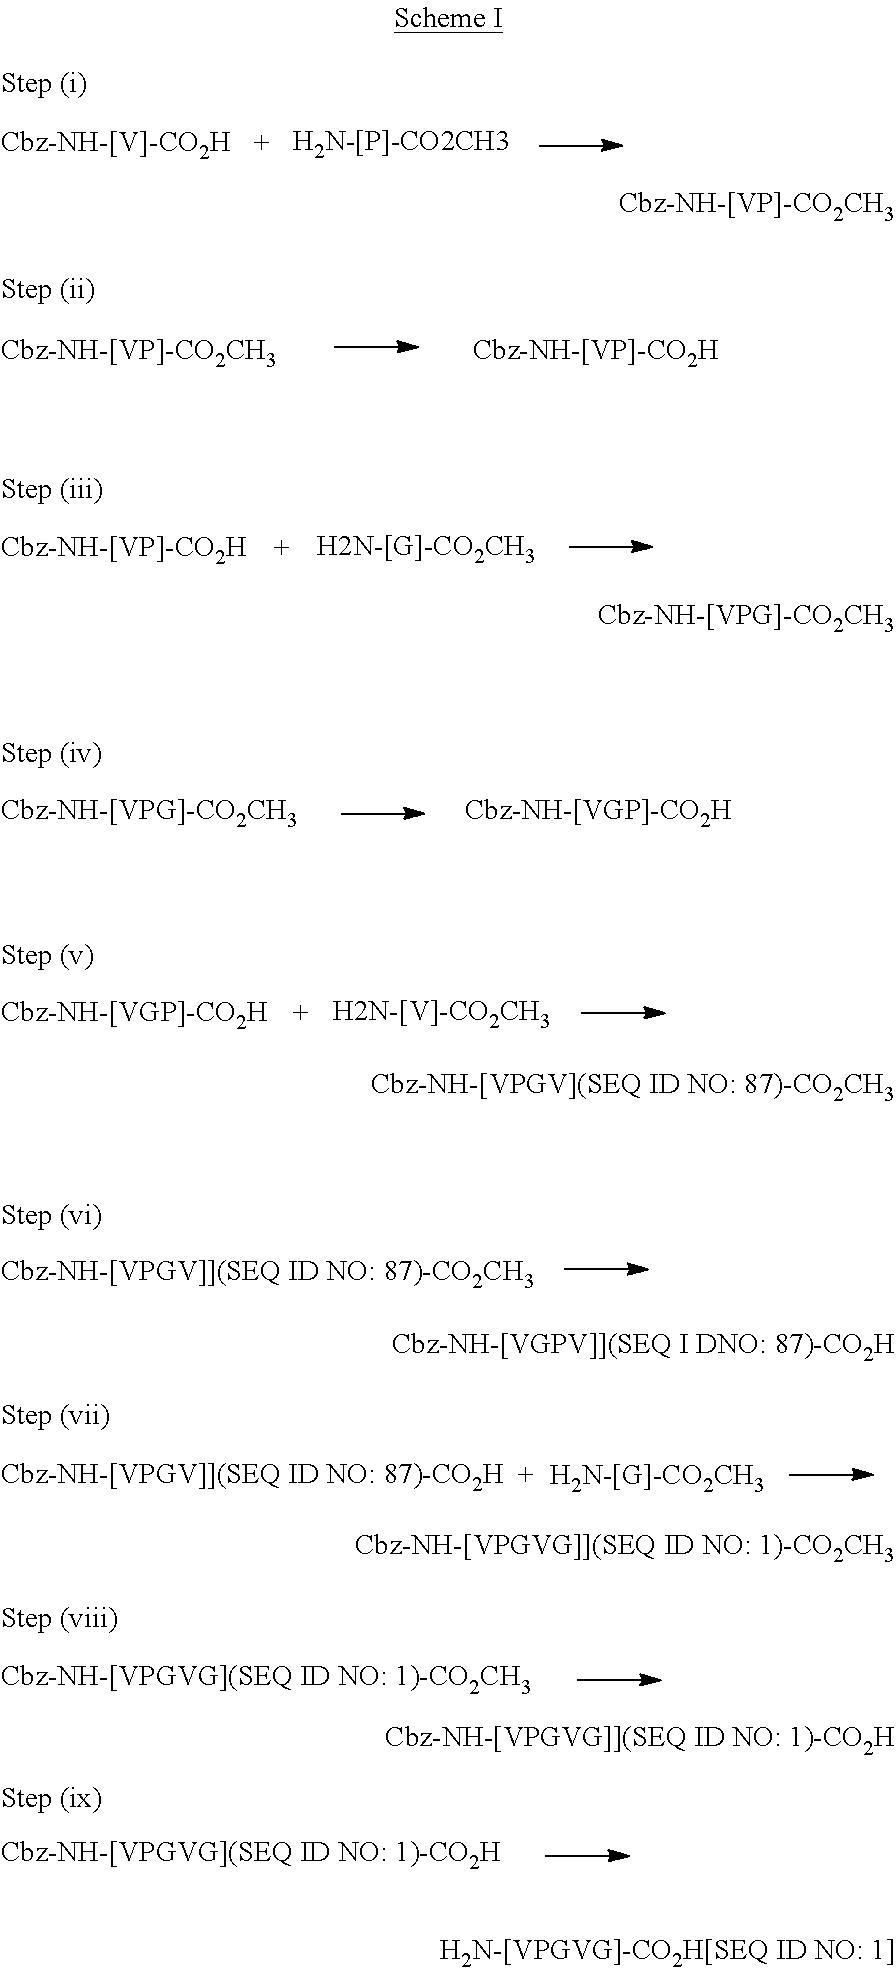 Figure US08246991-20120821-C00031